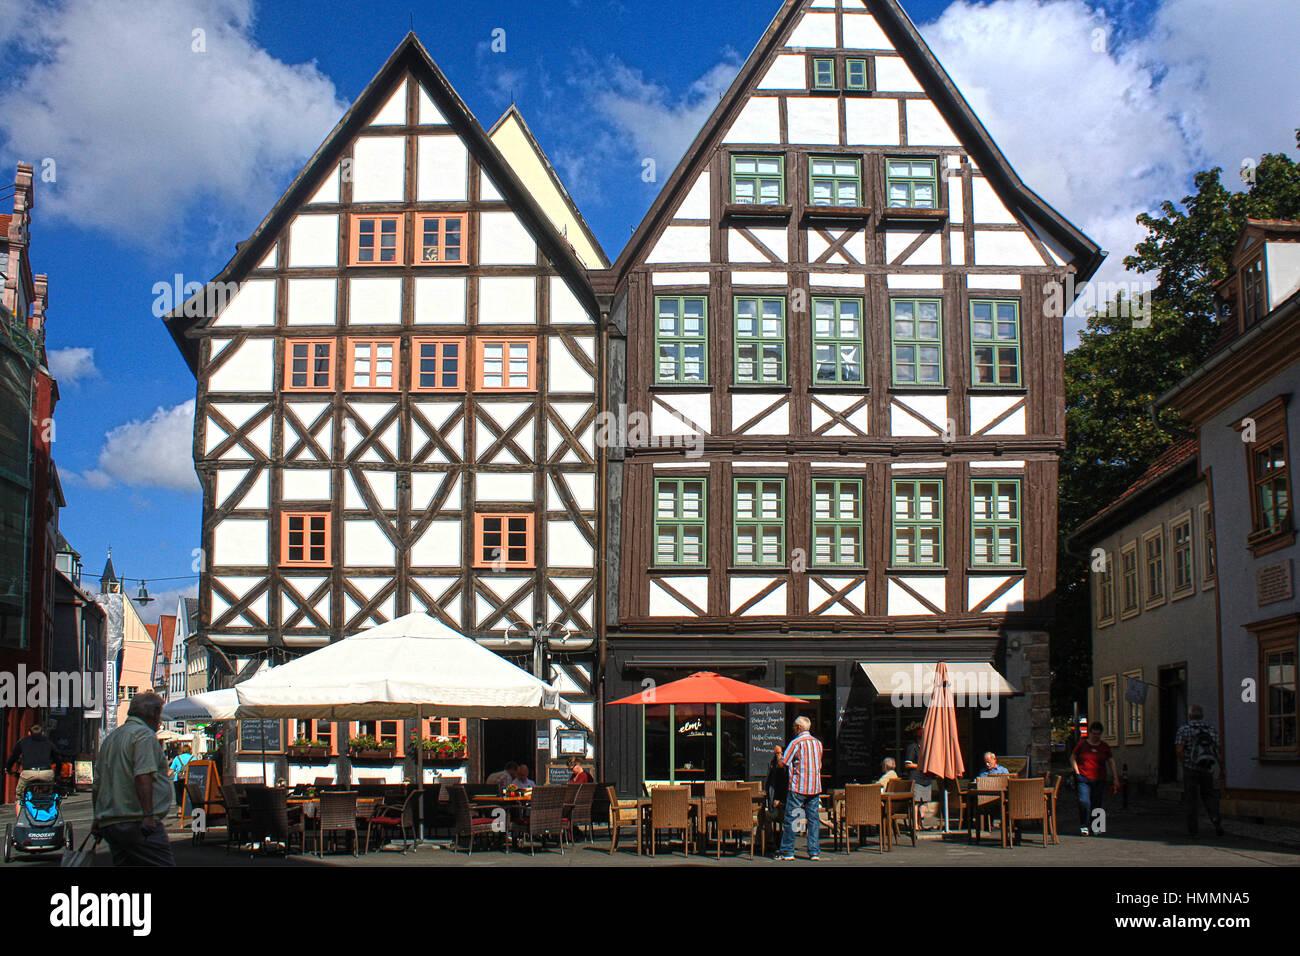 Fachwerk houses in Erfurt, Germany - Stock Image